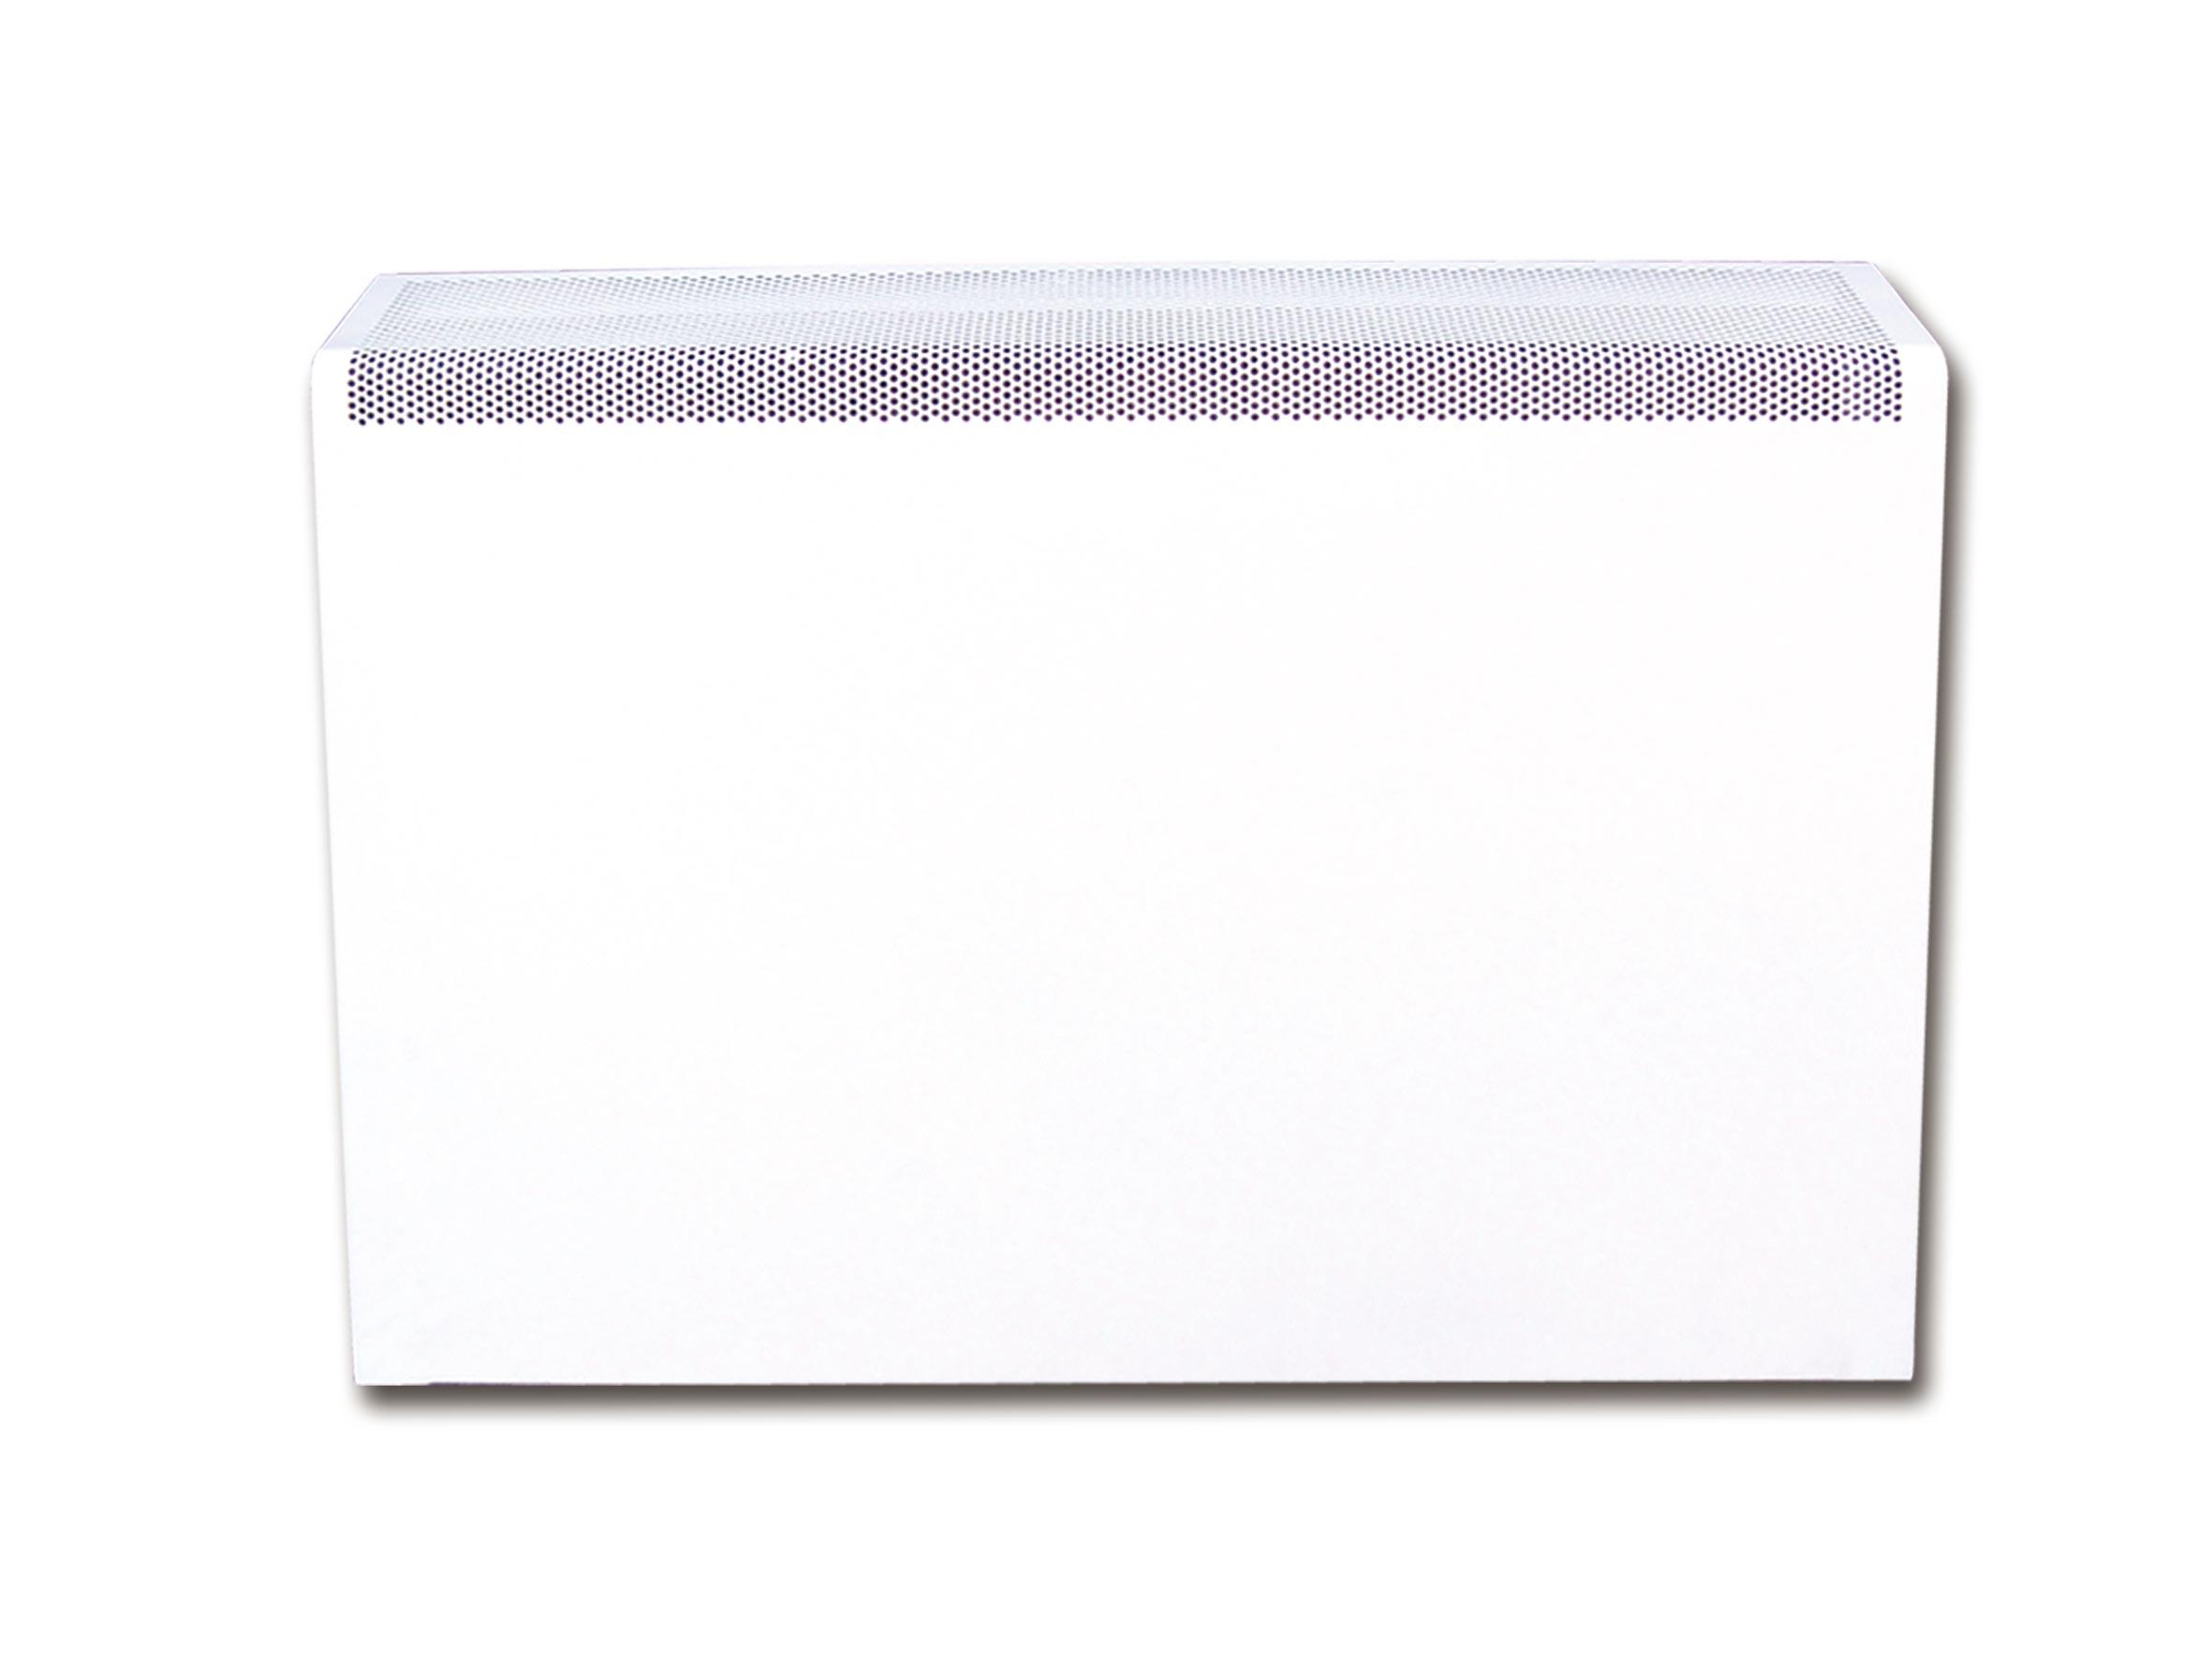 高频焊暖气片厂-四川高频焊暖气片-贵州高频焊暖气片